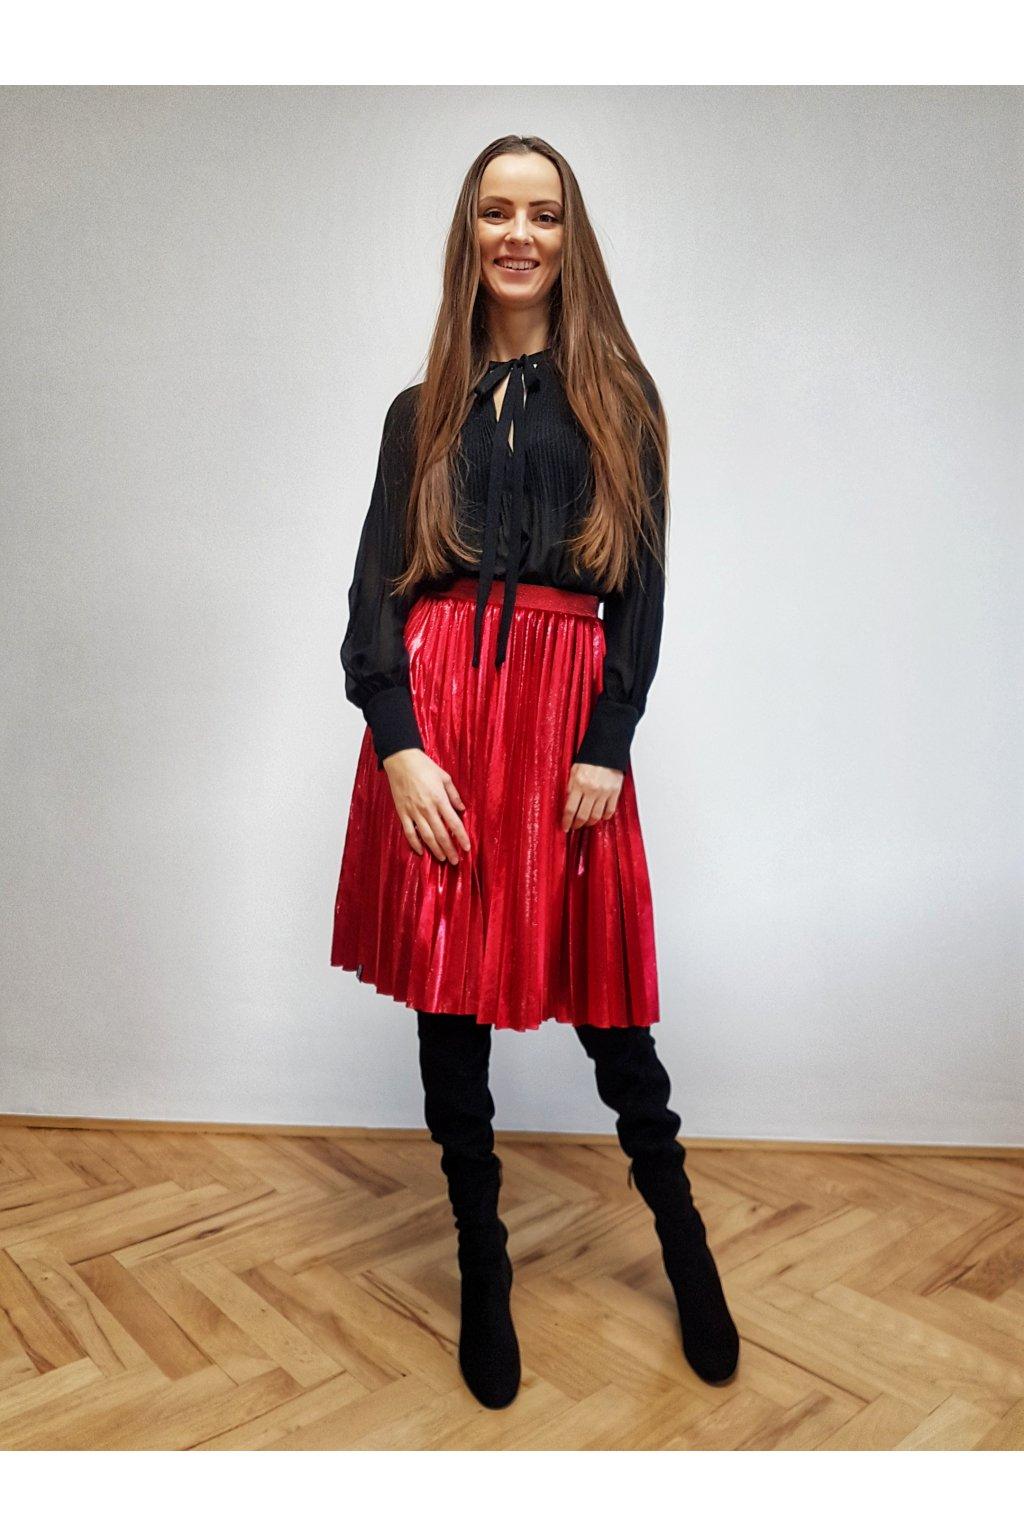 ručne plisovaná sukňa, plisovaná sukňe, skladaná sukně, čierna plisovaná sukňa, čierna sukňa, zamatová sukňa, čierna zamatová sukňa, zvonová sukňa, zvonová plisovaná sukňa, sukňa jankiv siblings, jankiv siblings, midi plisovaná sukňa, midi sukňa, pleated skirt, velvet skirt, velvet pleated skirt, biznis sukňa, biznis plisovaná sukňa, vianočný darček, darček na vianoce, modrá sukňa, modrá plisovaná sukňa, tmavomodrá zamatová sukňa, tmavomodrá sukňa